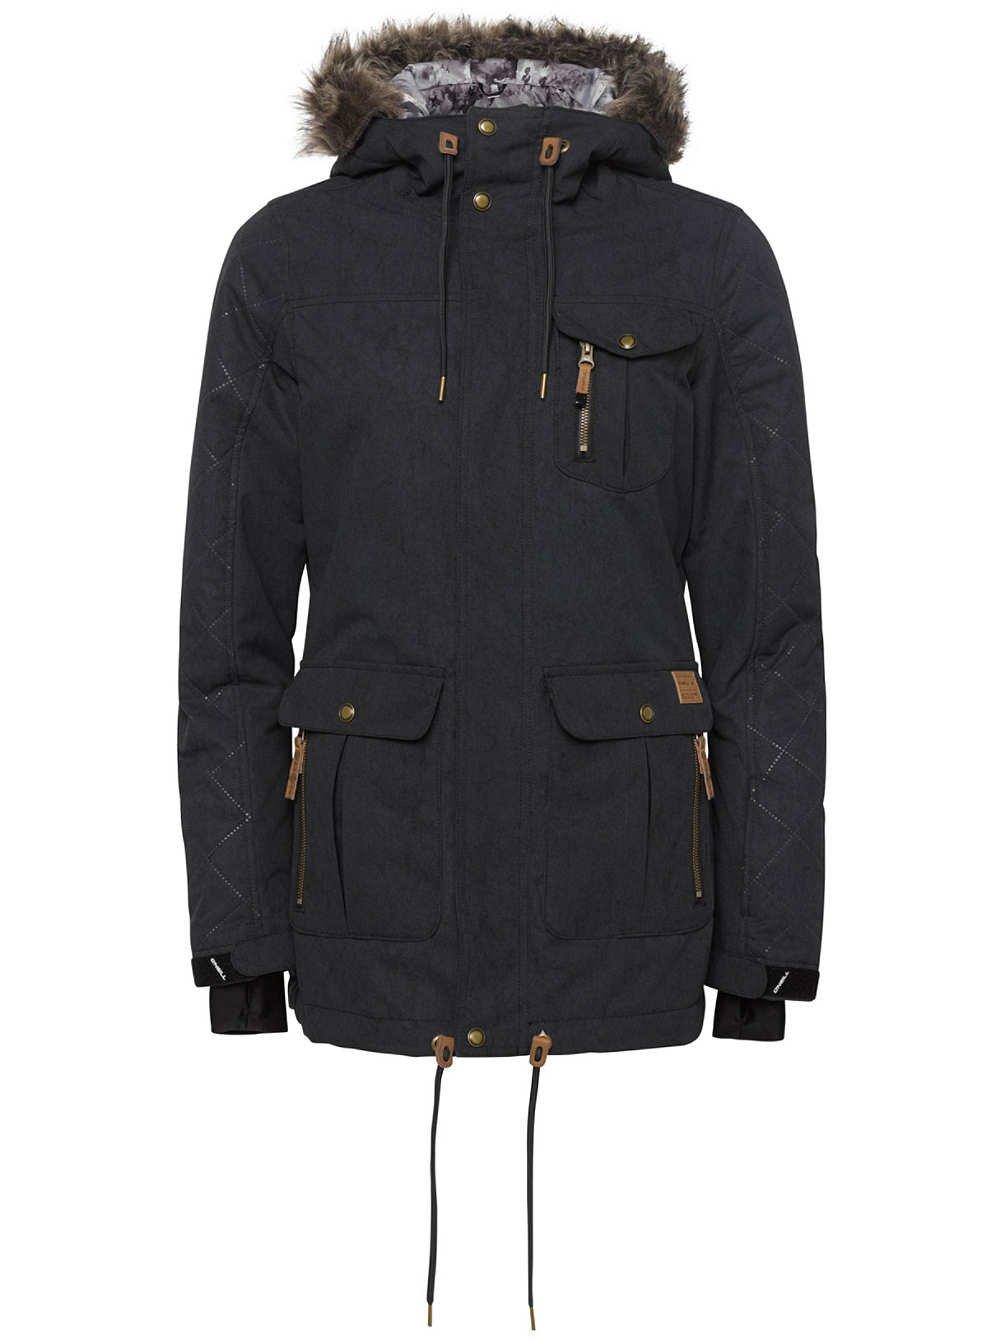 Damen Snowboard Jacke O'Neill Maad Jacket bestellen